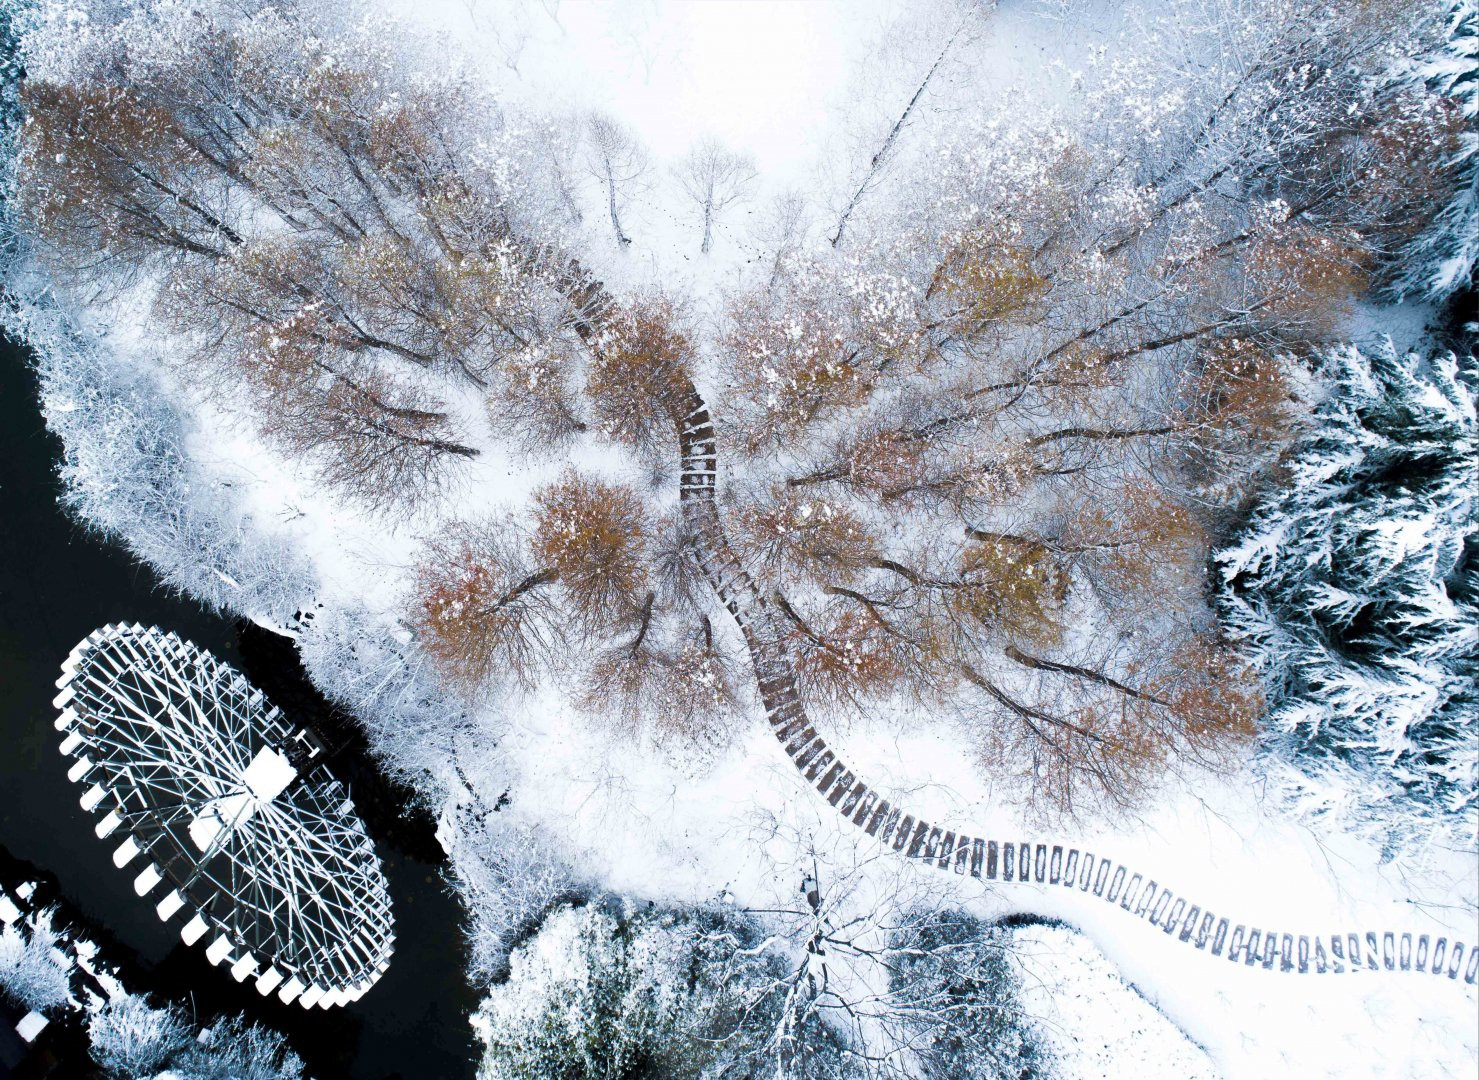 Vẻ đẹp trong trẻo của tuyết mùa xuân ở Trung Quốc khiến nhiều tín đồ du lịch cuồng chân dù đã hết Tết - Ảnh 1.